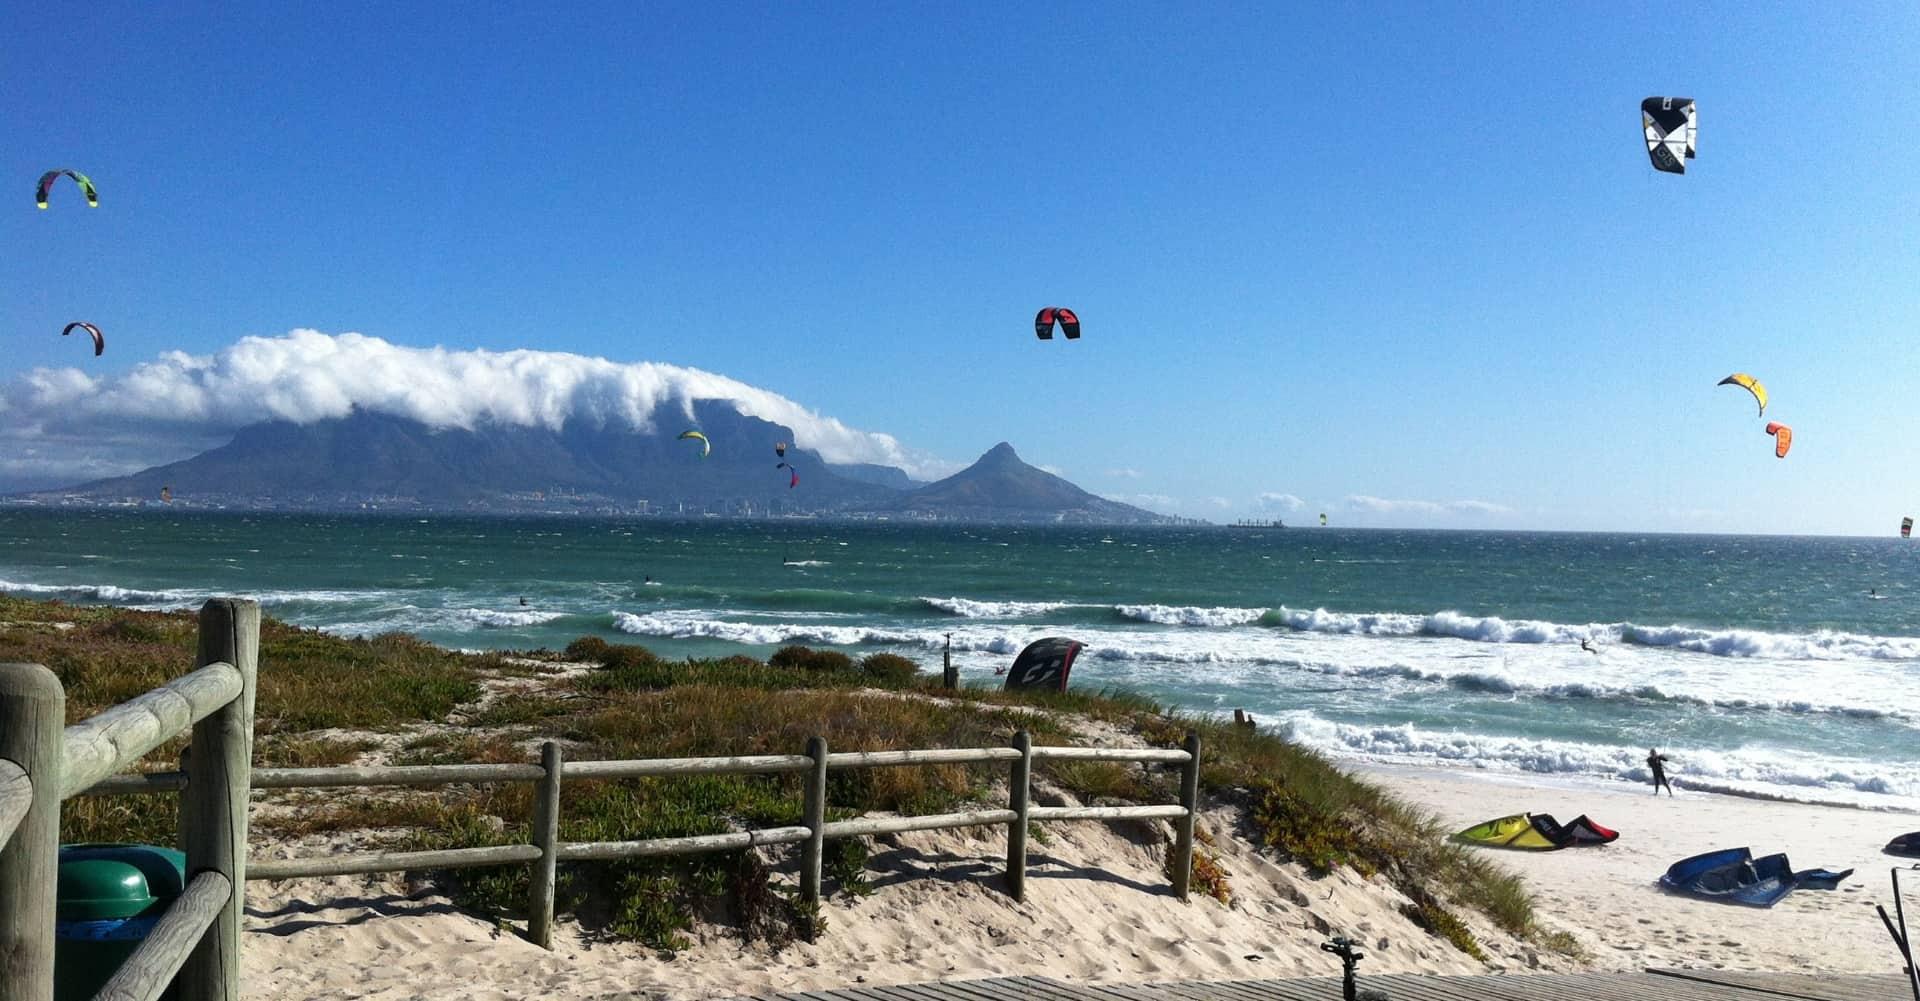 Kitesurfer am Strand - kitesurfers at beach